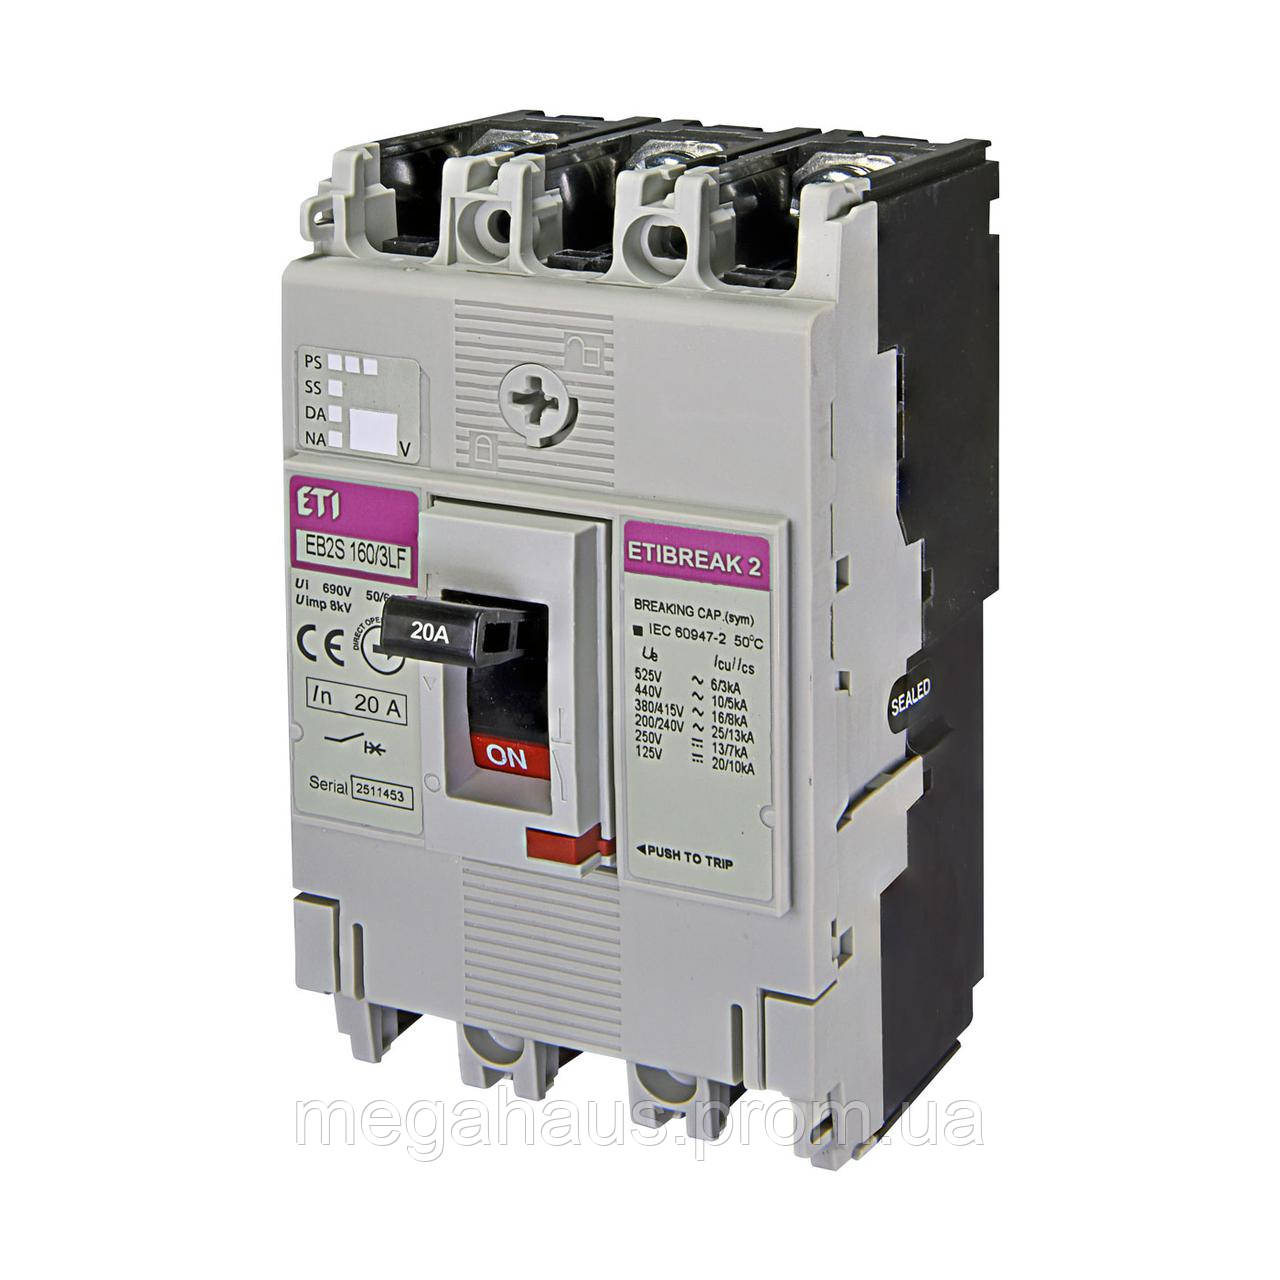 Промышленный автоматический выключатель ETI ETIBREAK  EB2S 160/3LF  20А 3P (16kA фикс.настр.)